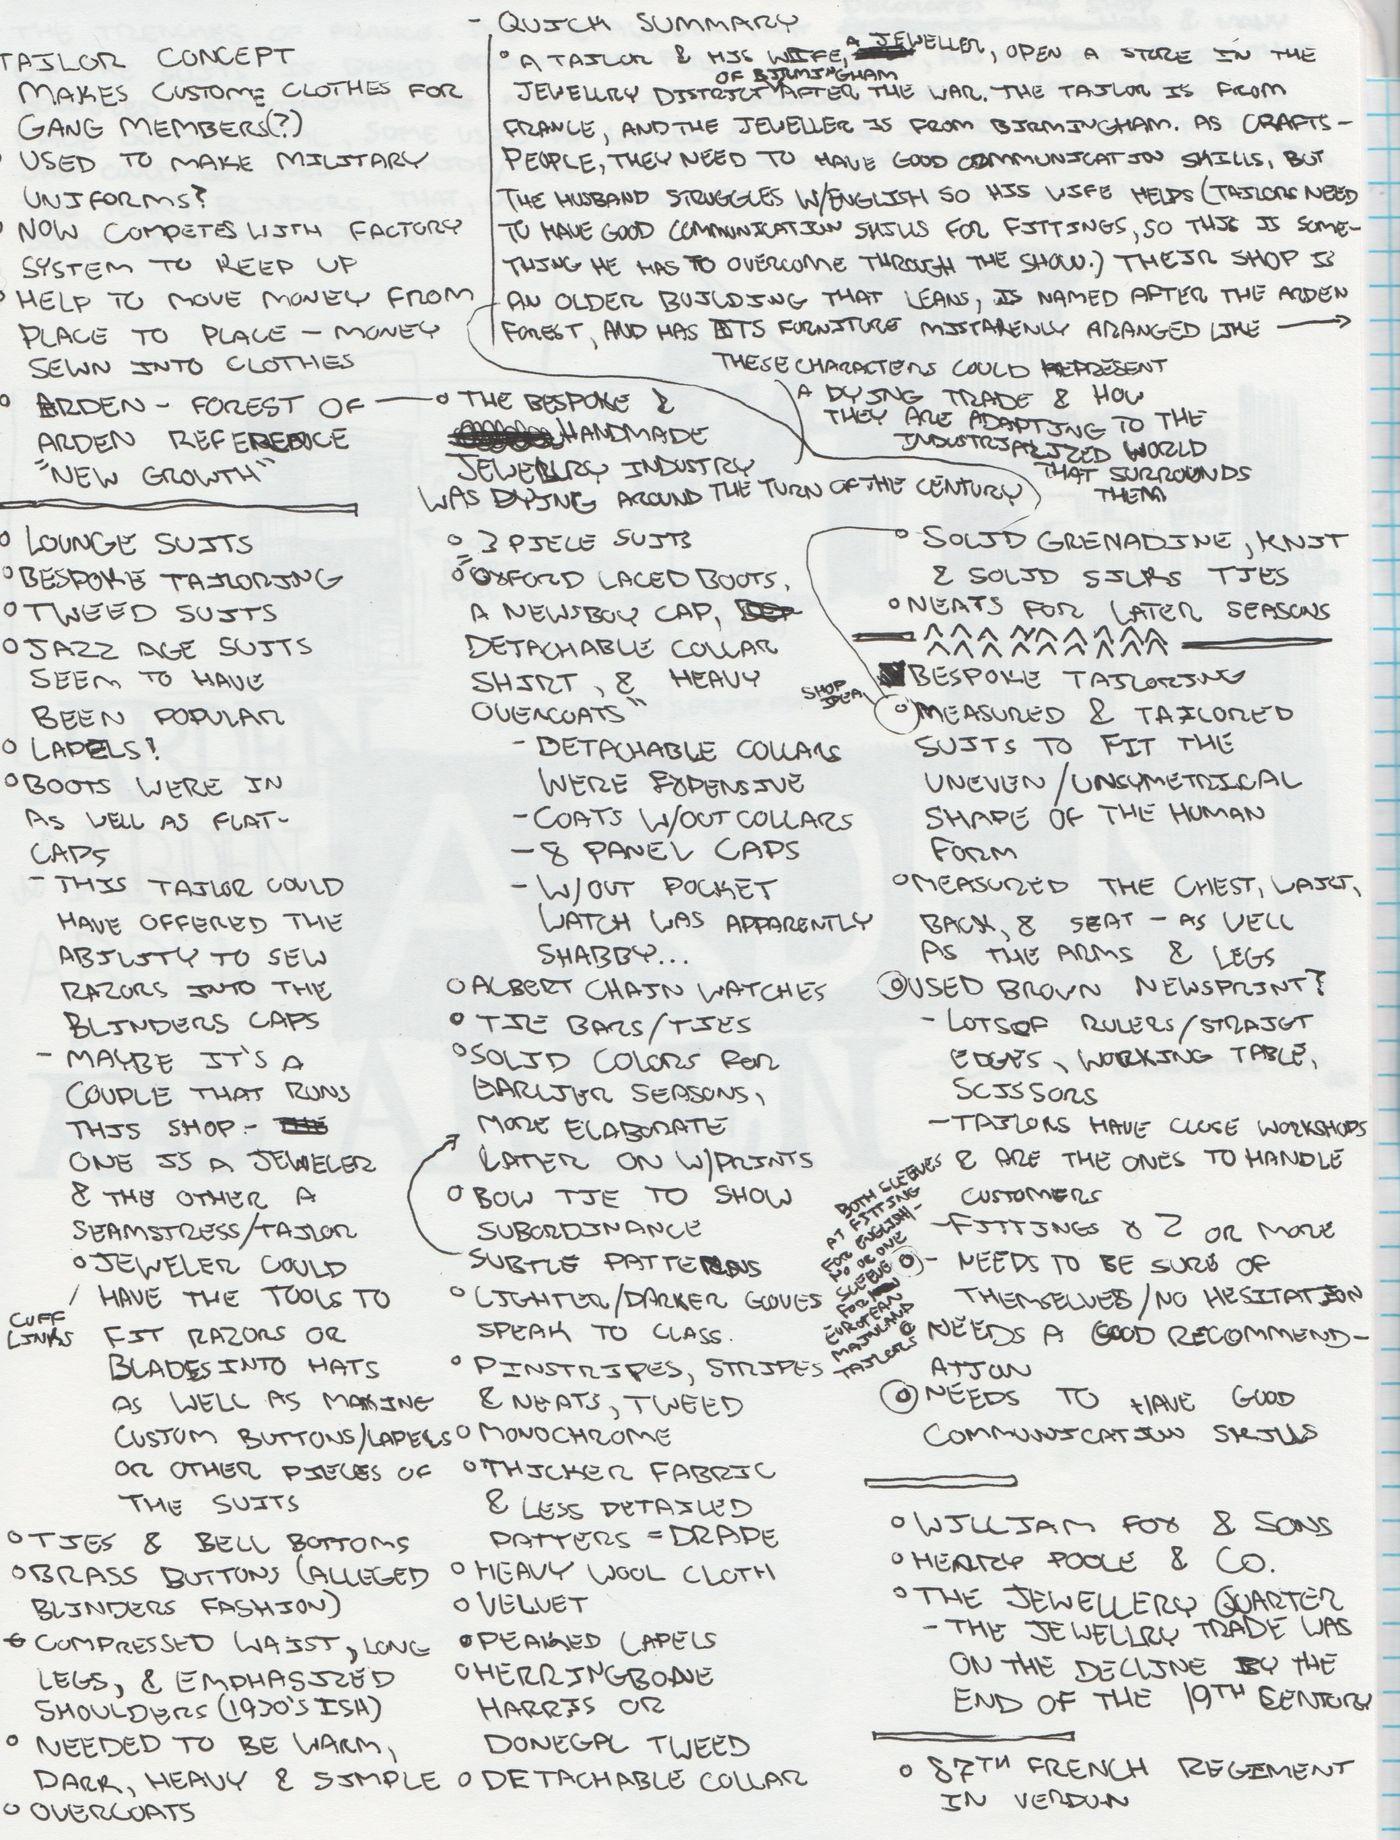 Peaky Blinder%27s Notes Pg1 Mcevn